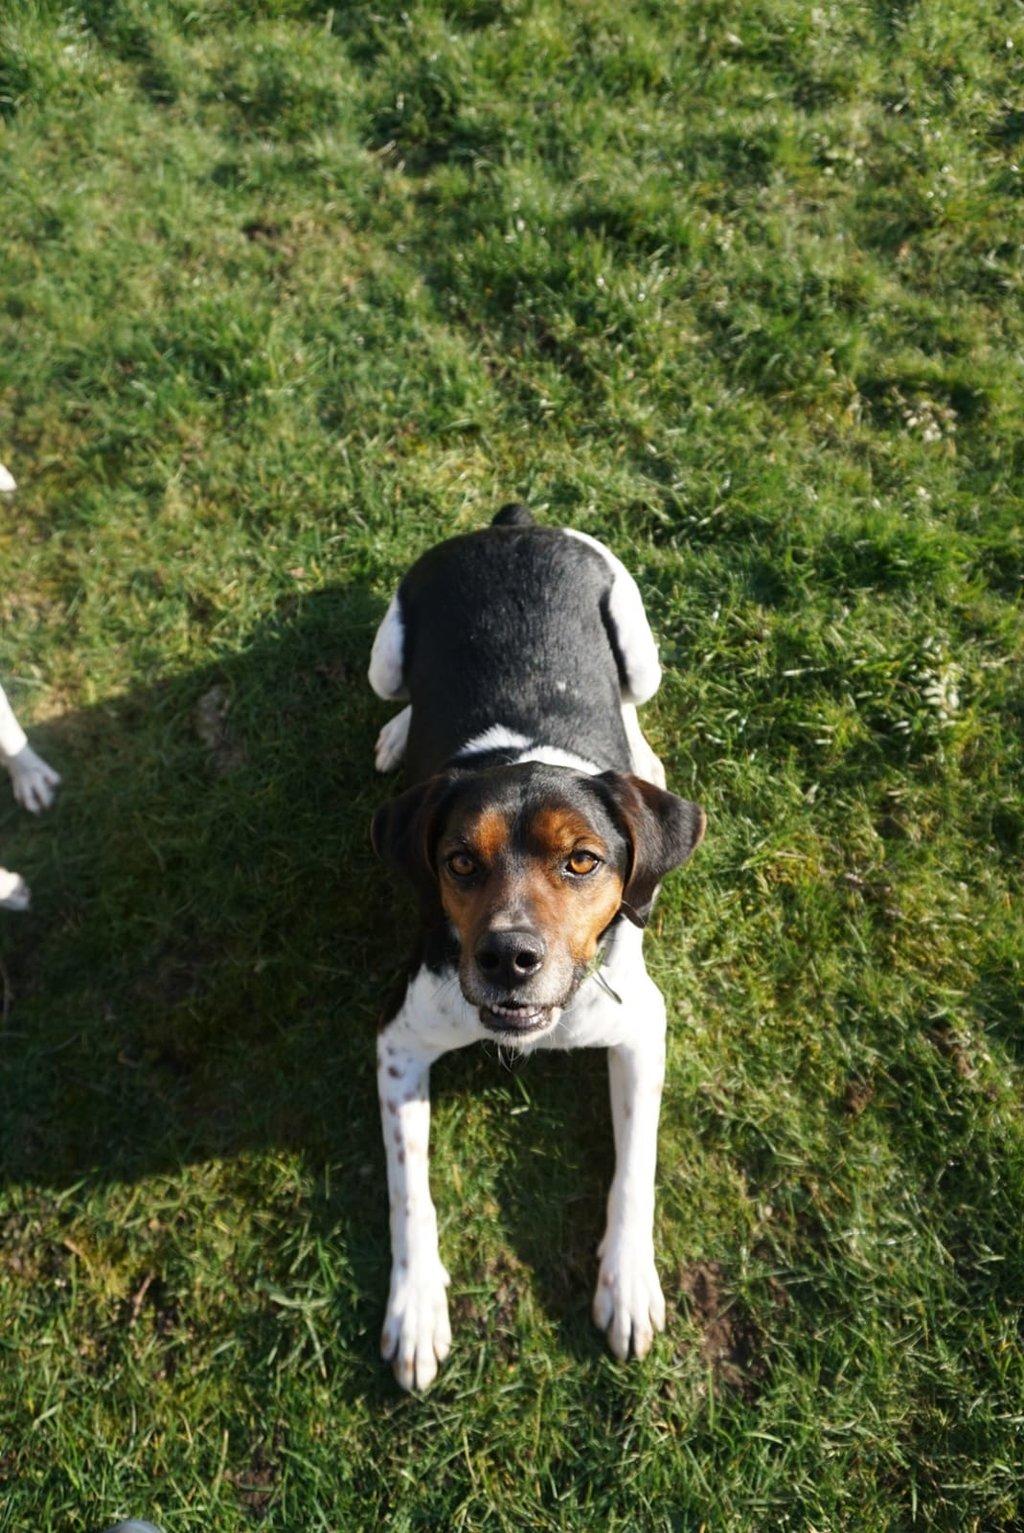 Bildertagebuch - Rio, jung, verspielt und sehr freundlich, warum setzt man so einen Hund nur aus - VERMITTELT! 35096657fg